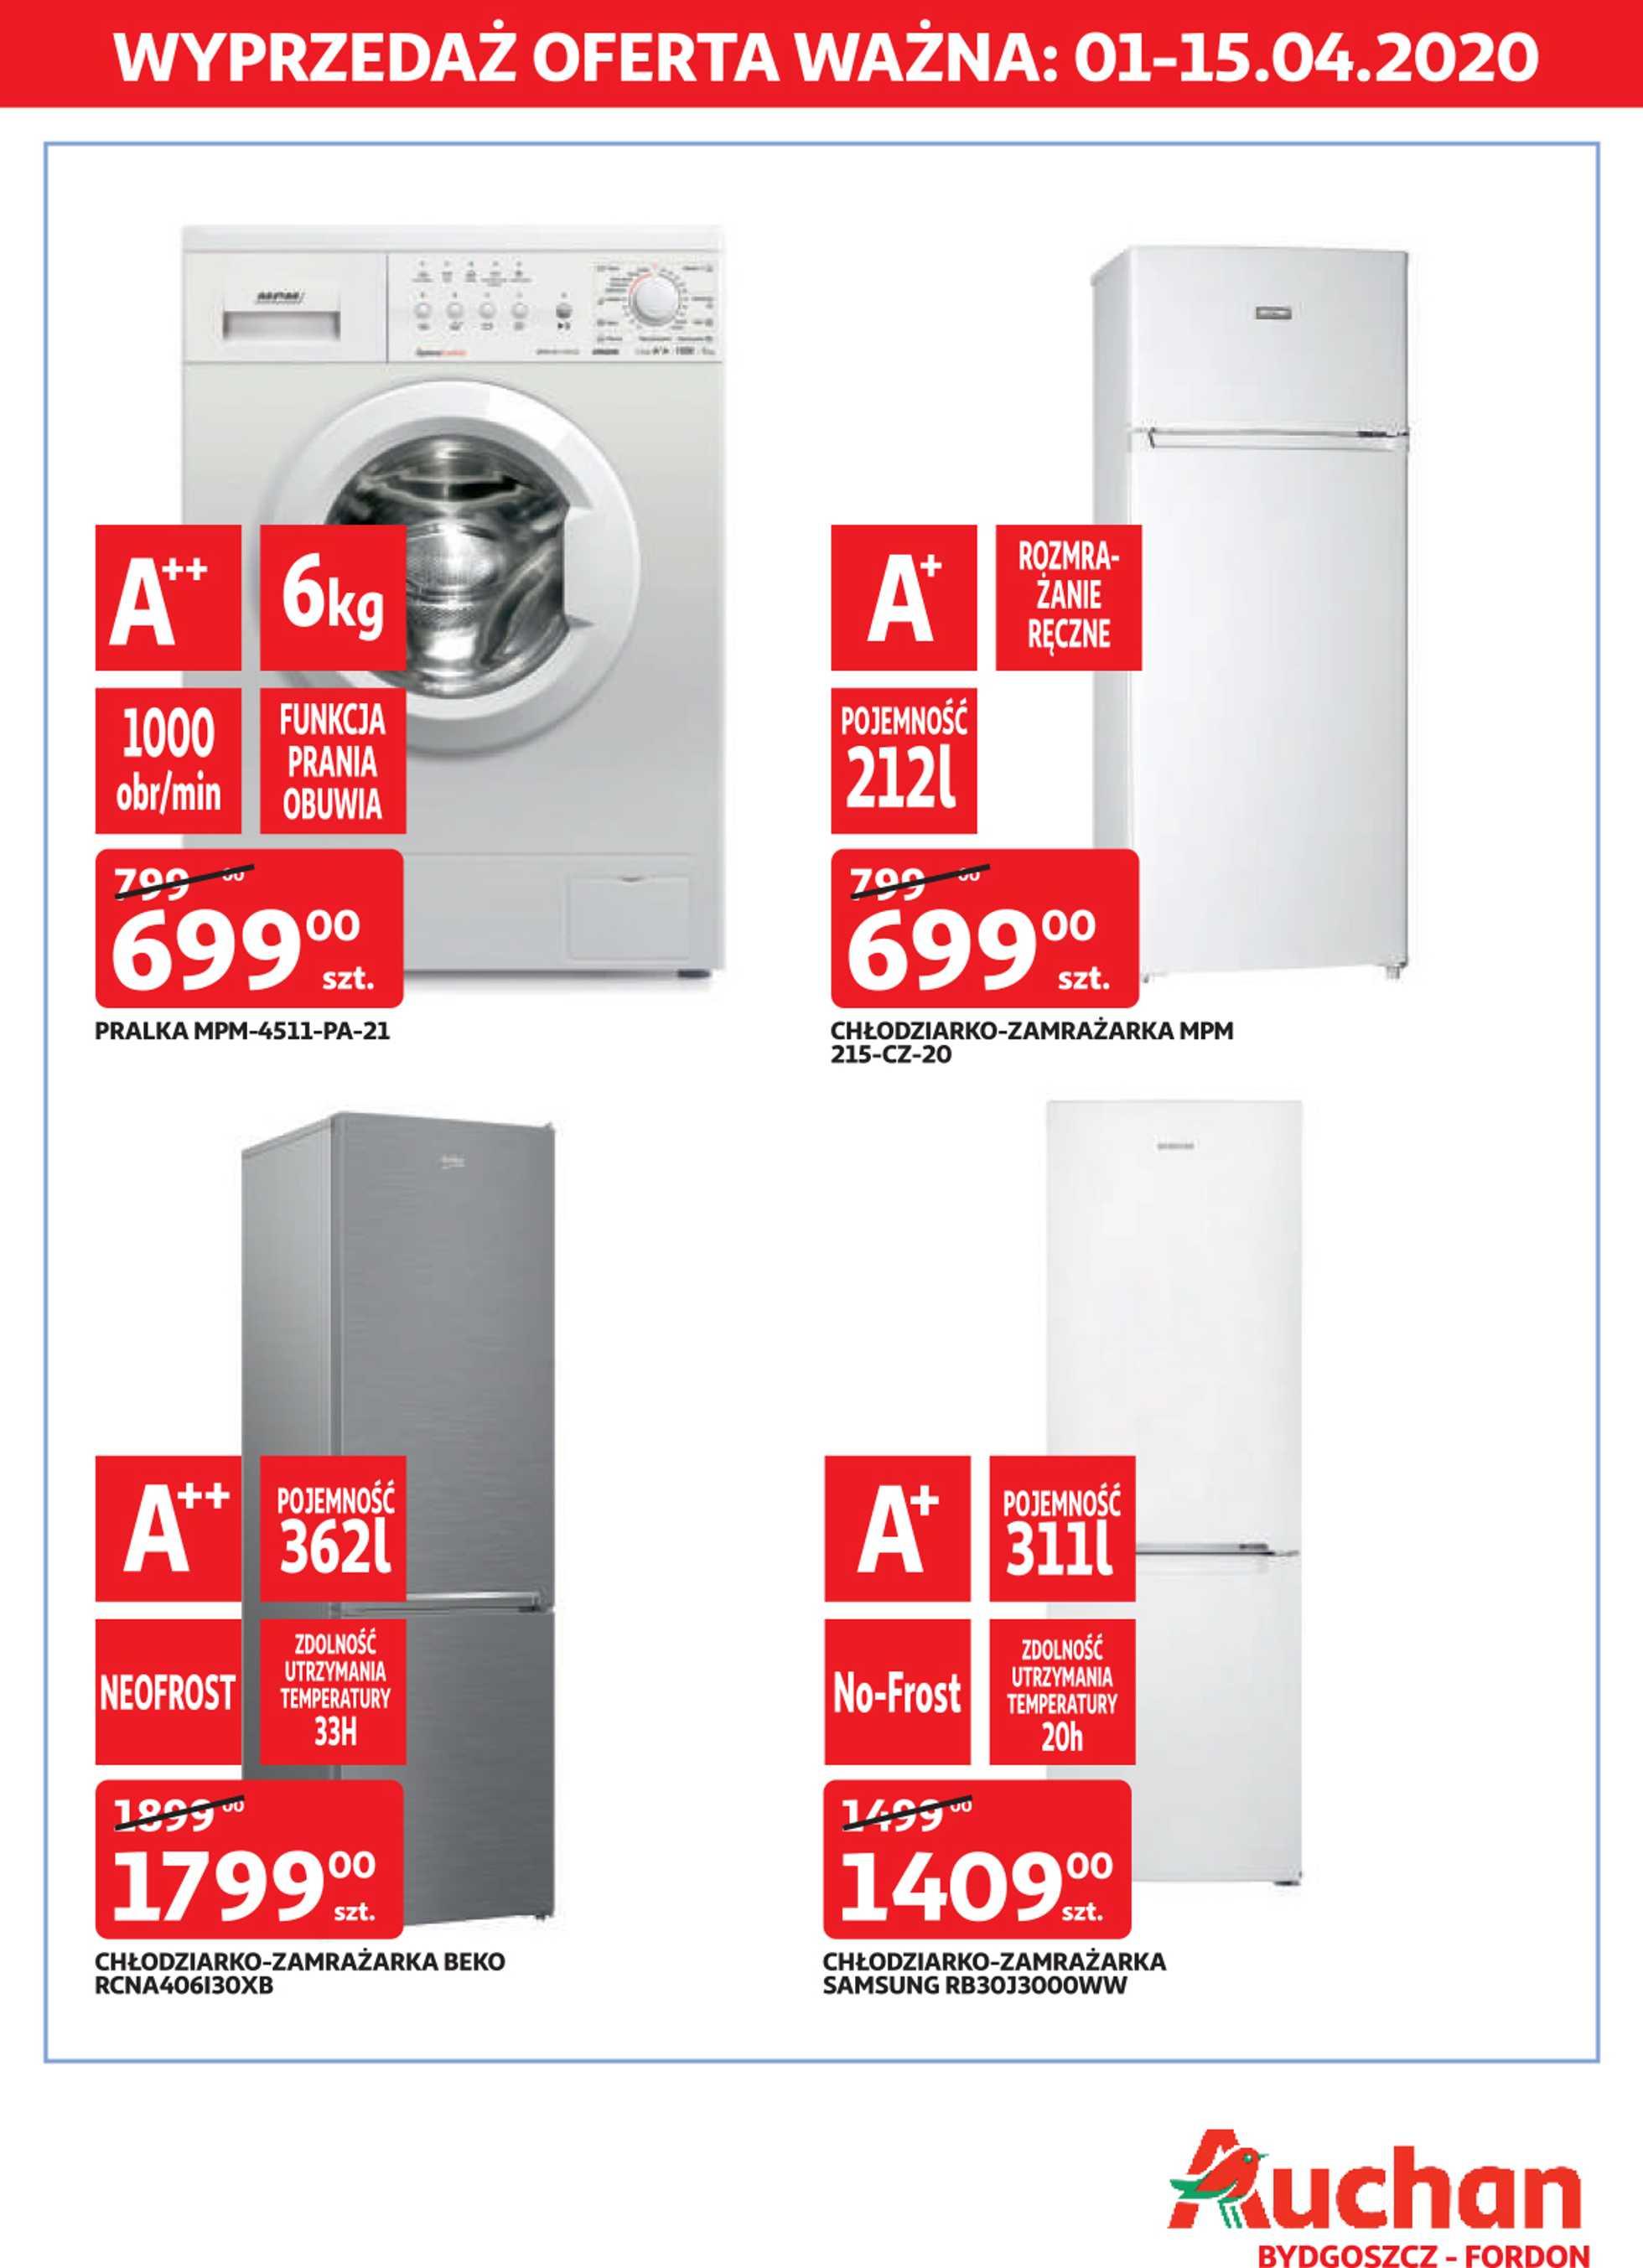 Auchan - gazetka promocyjna ważna od 01.04.2020 do 15.04.2020 - strona 2.